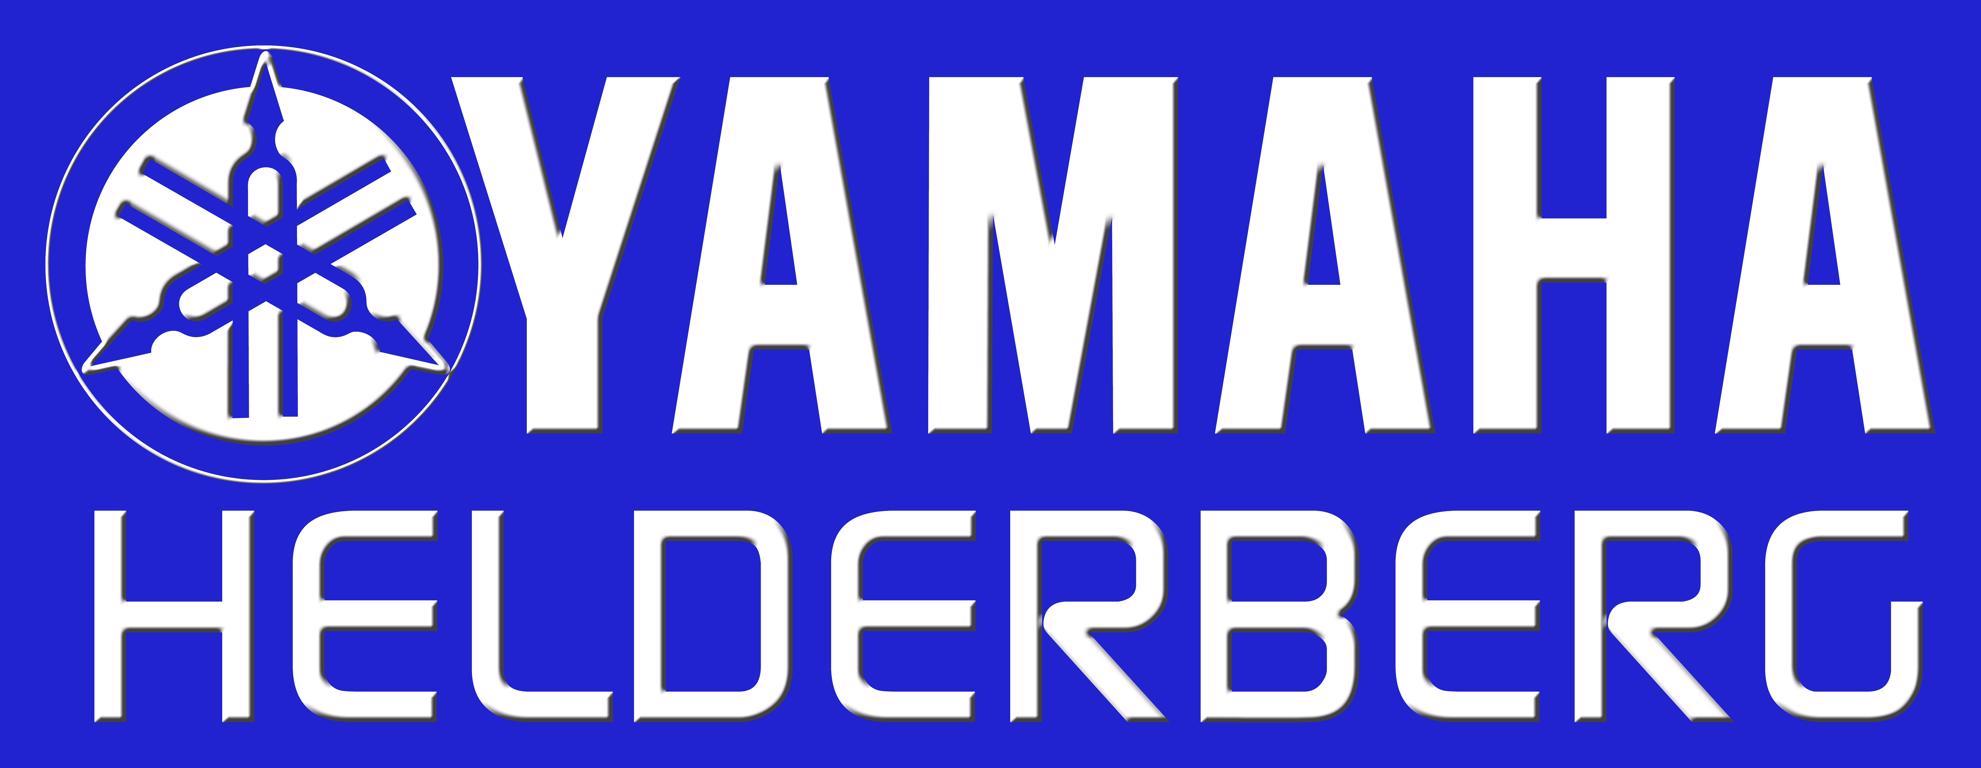 yamaha-1981x768